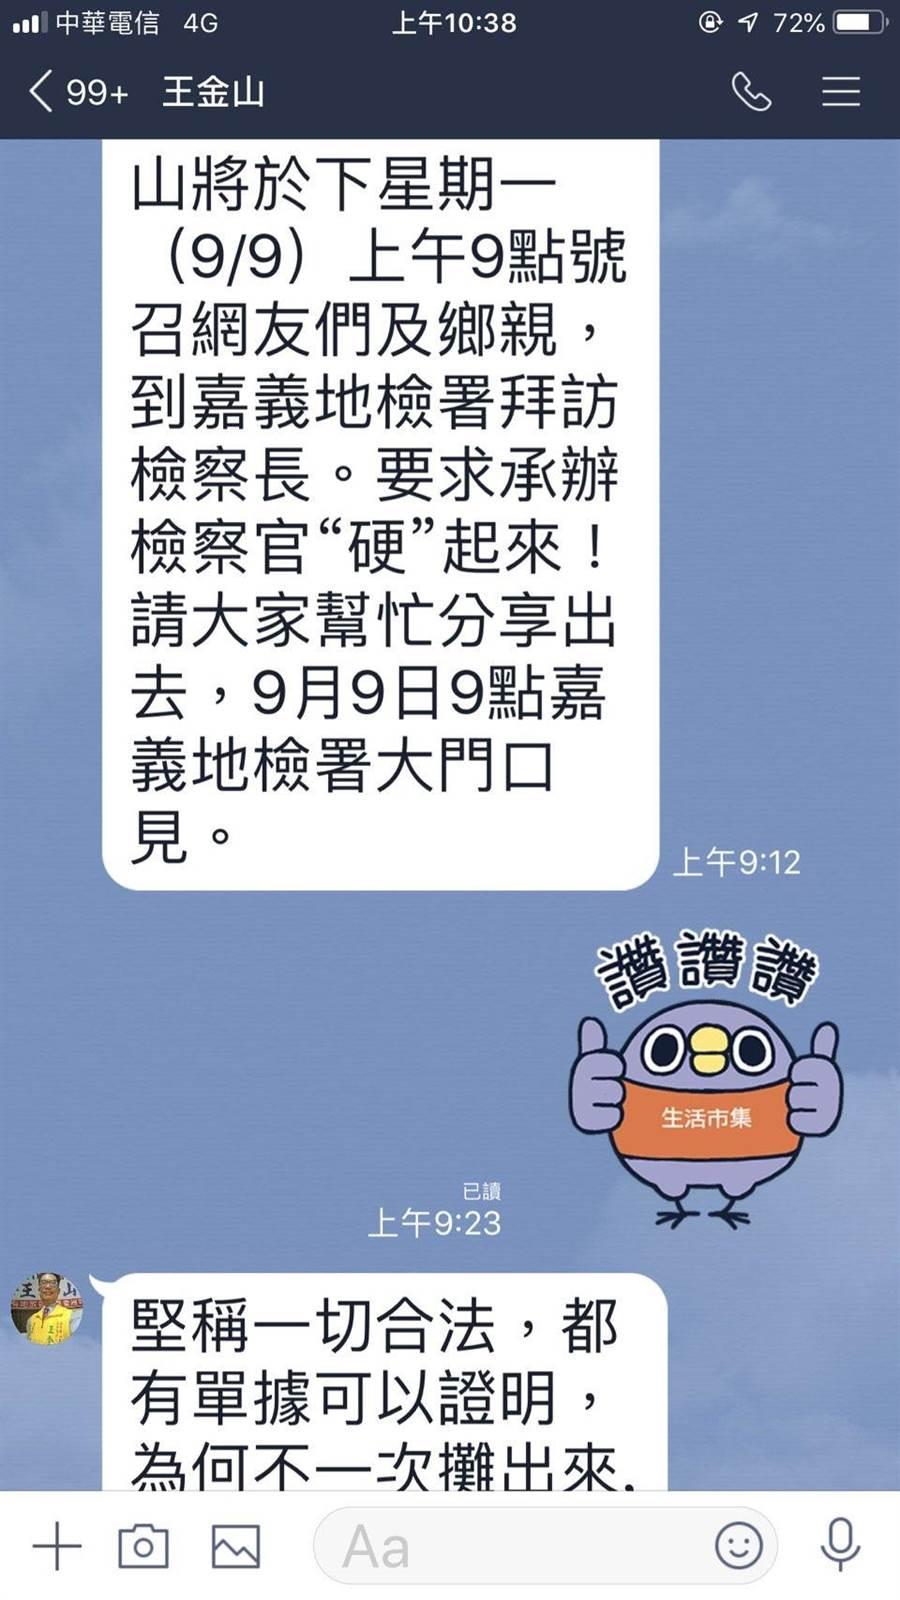 王金山號召網友們及鄉親到嘉義地檢署。(網路流傳截圖)